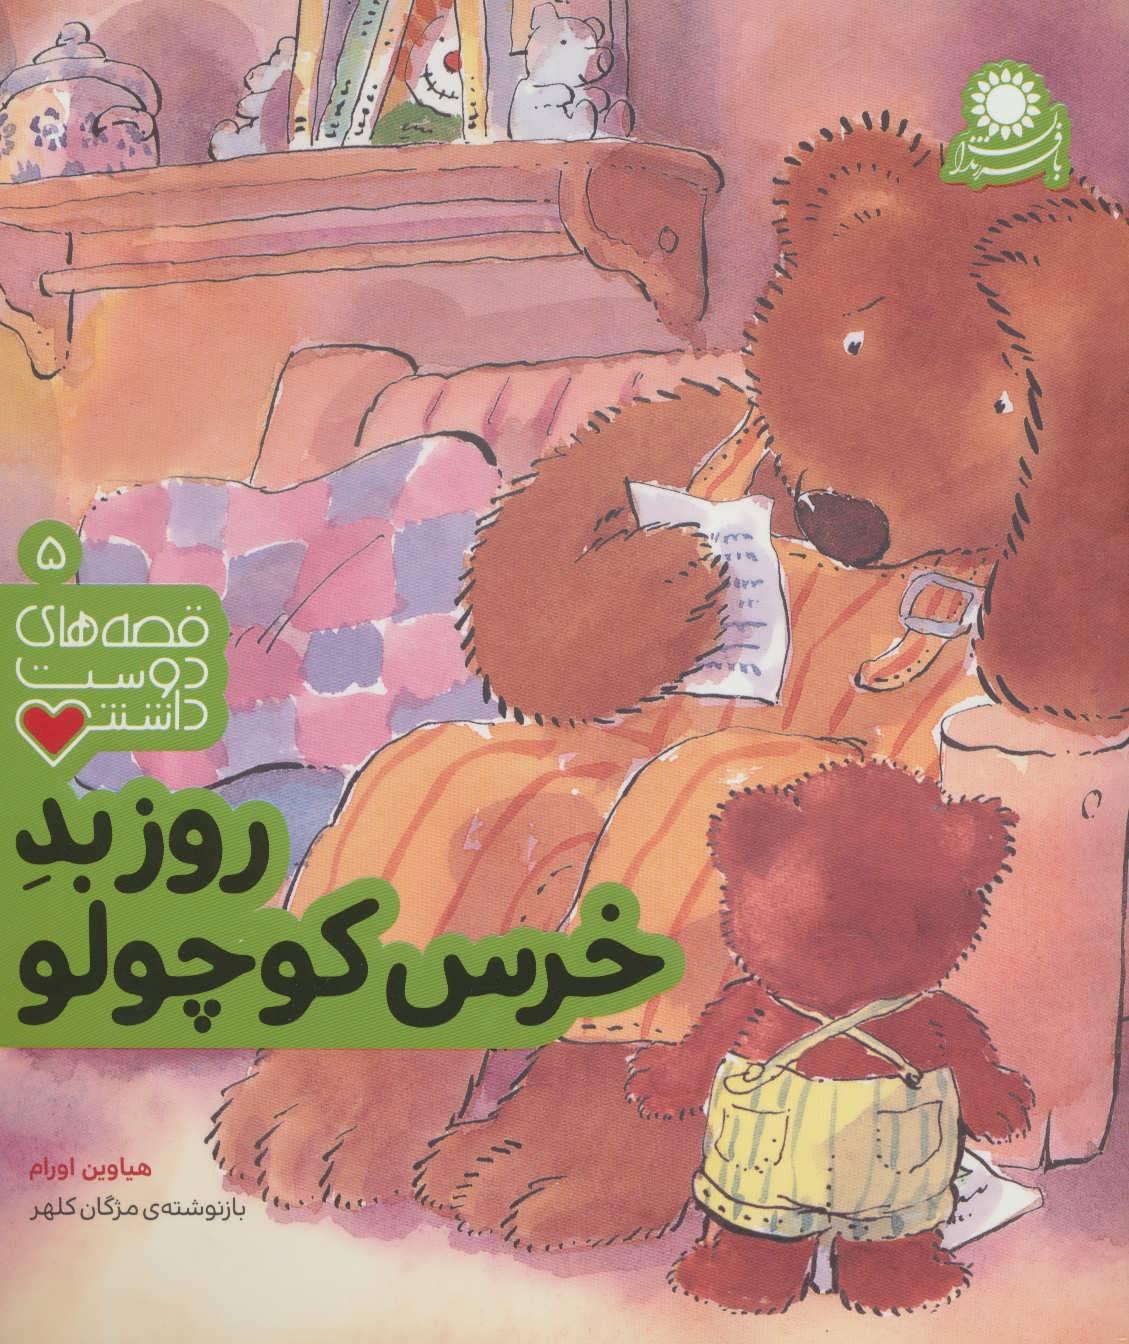 قصه های دوست داشتن 5 (روز بد خرس کوچولو)